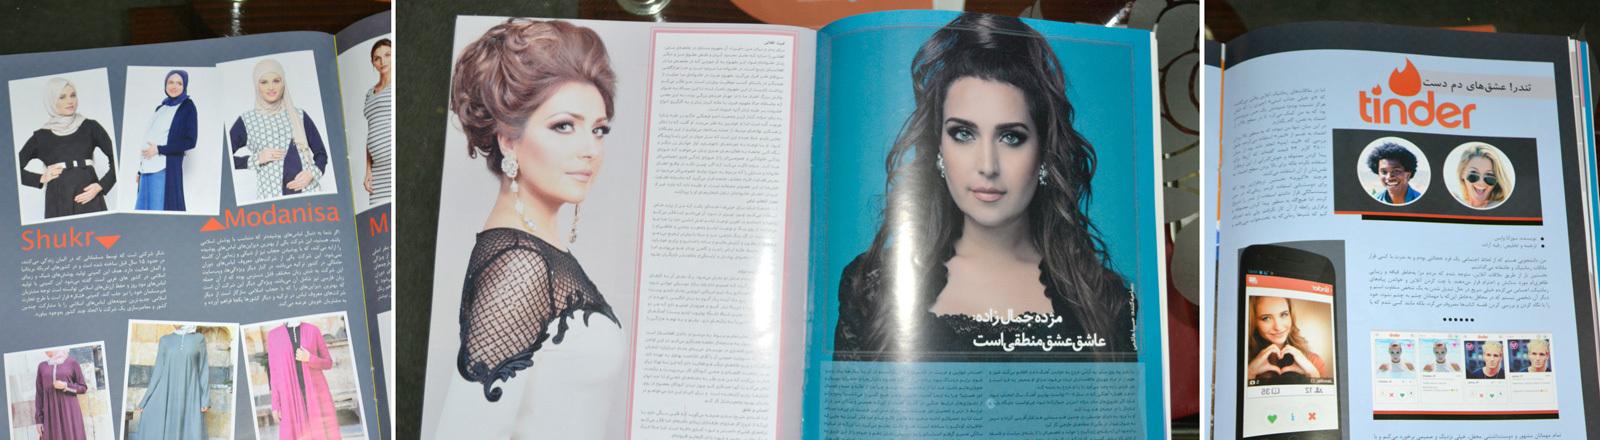 Verschiedene Seiten des afghanischen Frauenmagazins